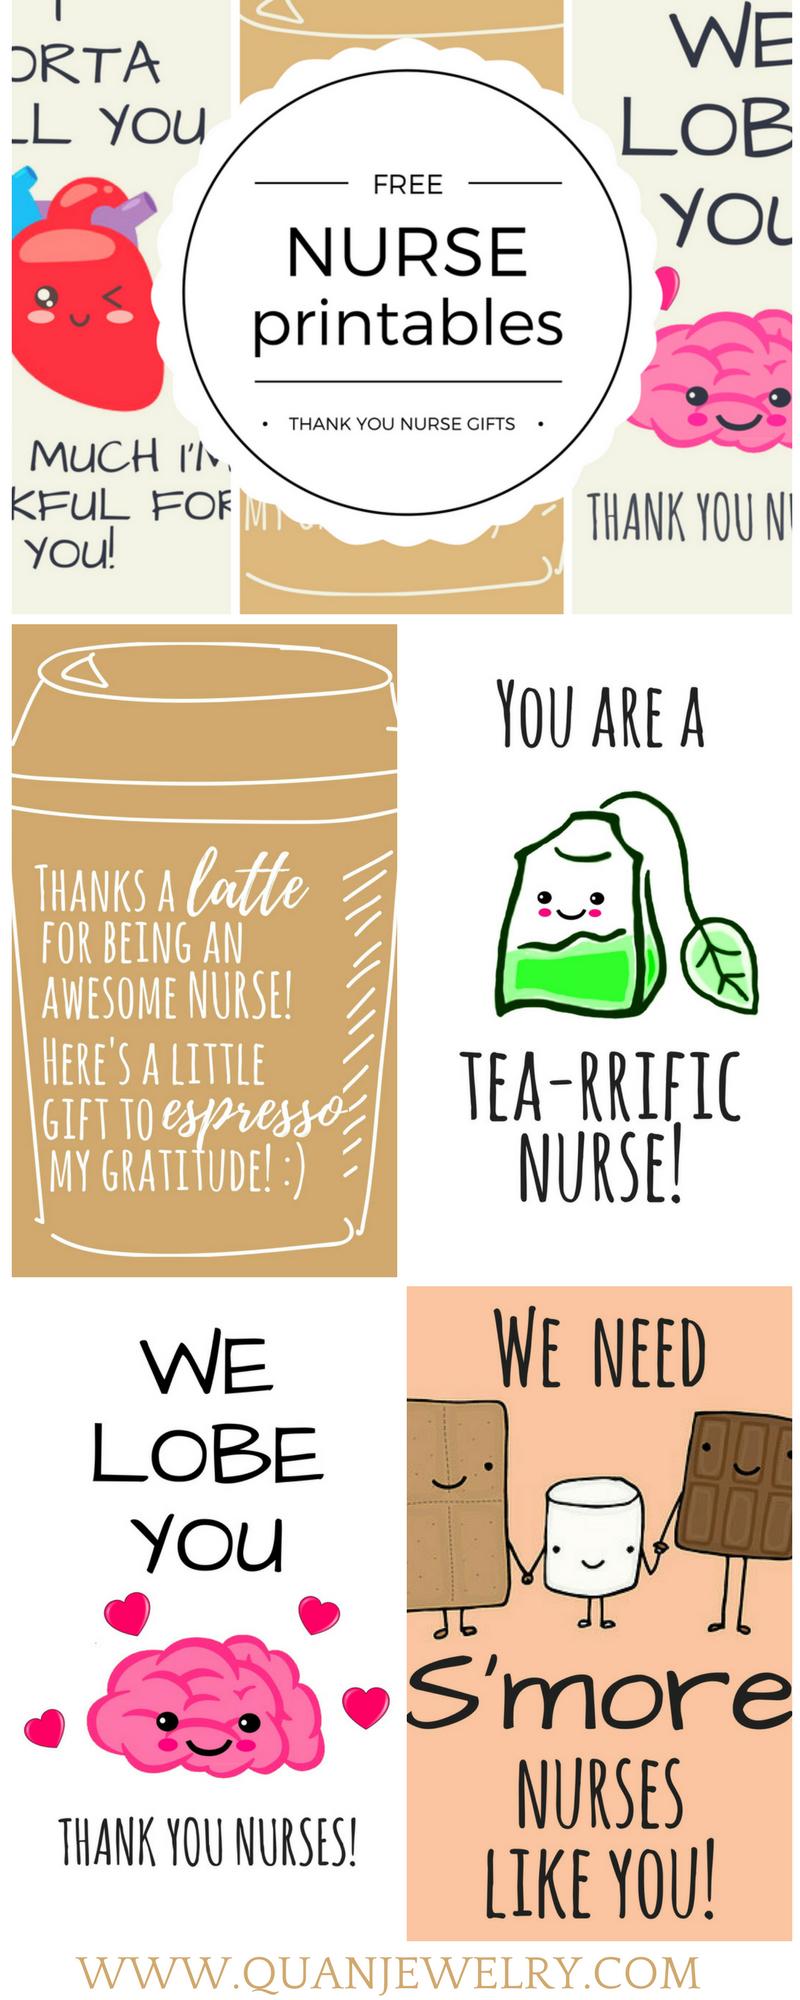 Free Printable Nurse Appreciation Thank You Cards | Gifts For Nurses - Nurses Week 2016 Cards Free Printable